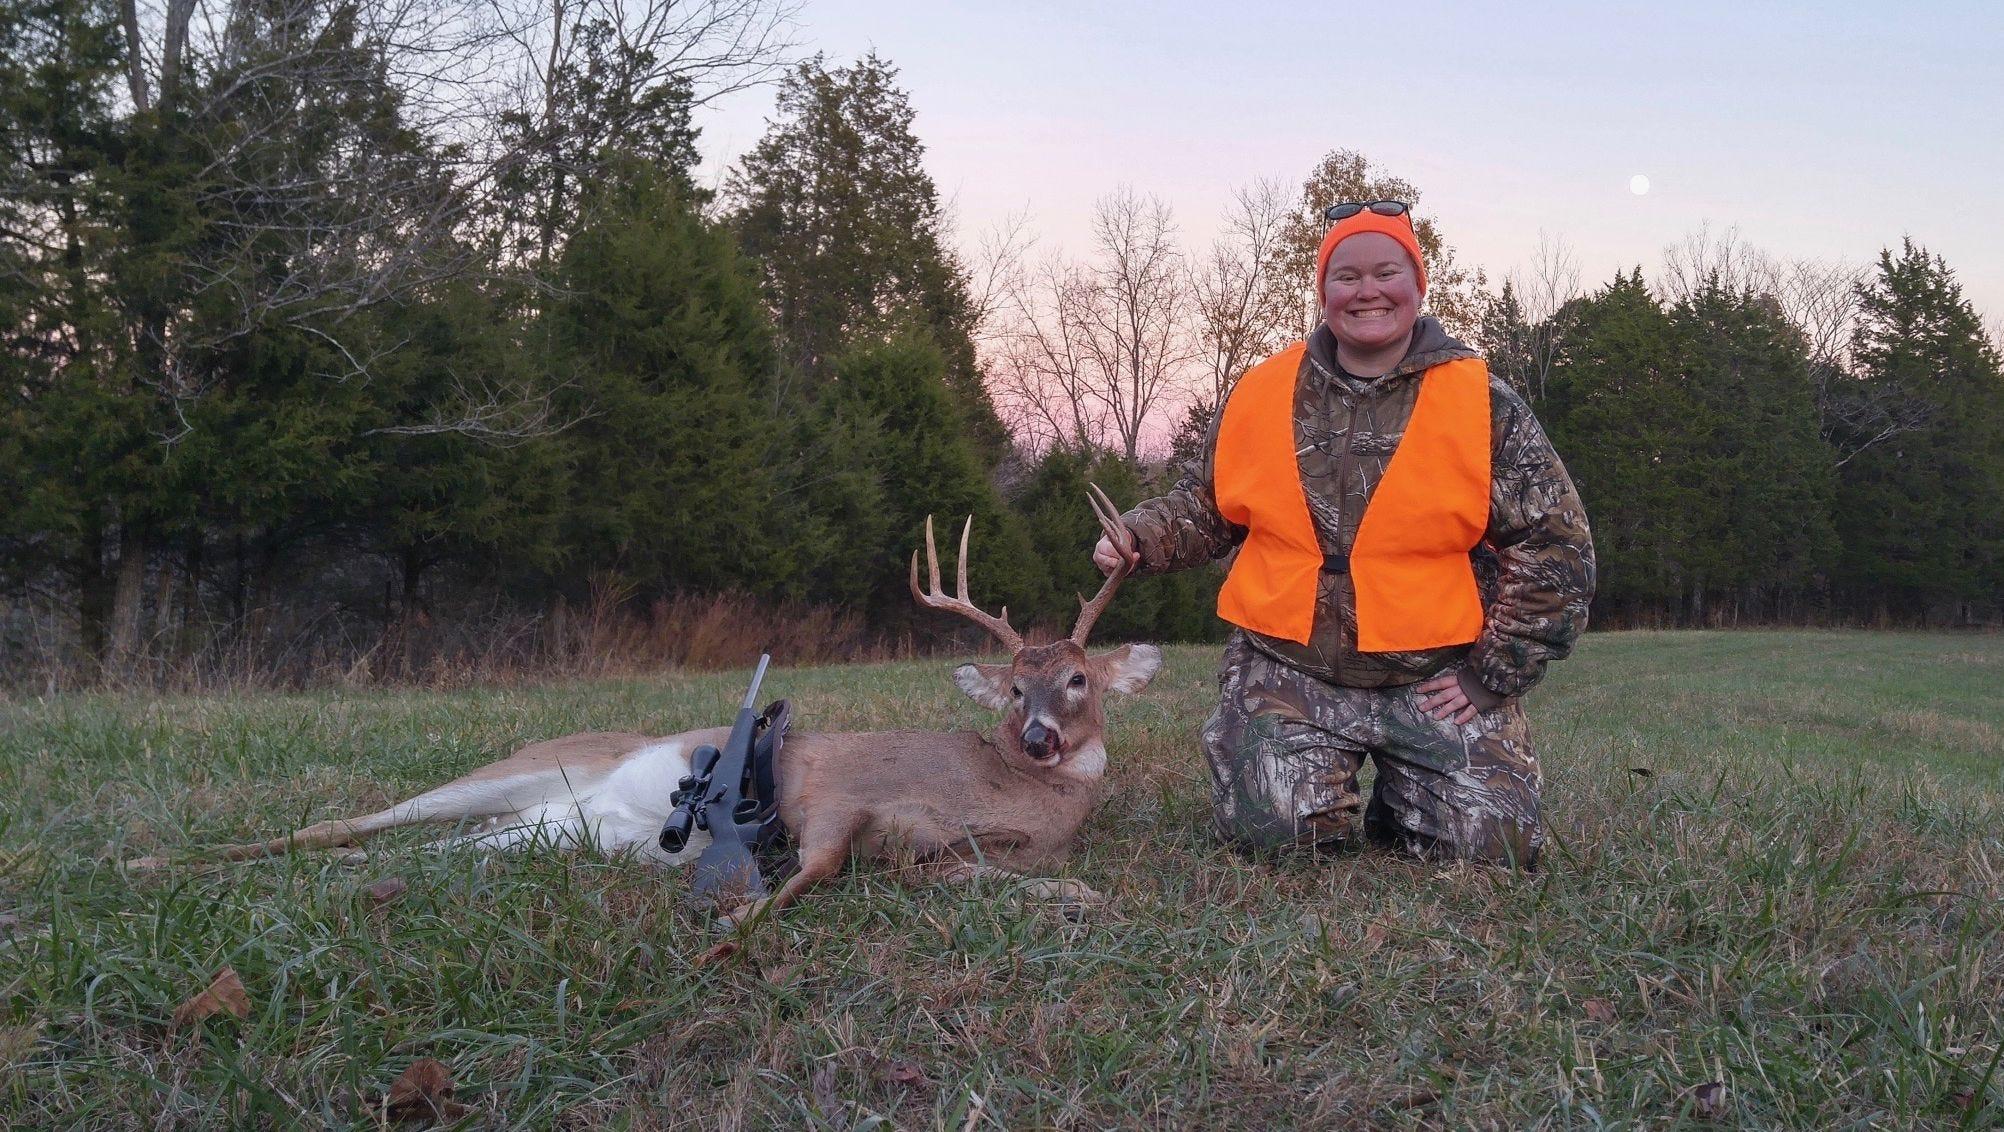 Kentucky Deer Hunters Close In On State Record inside Deer Season Ky 2021